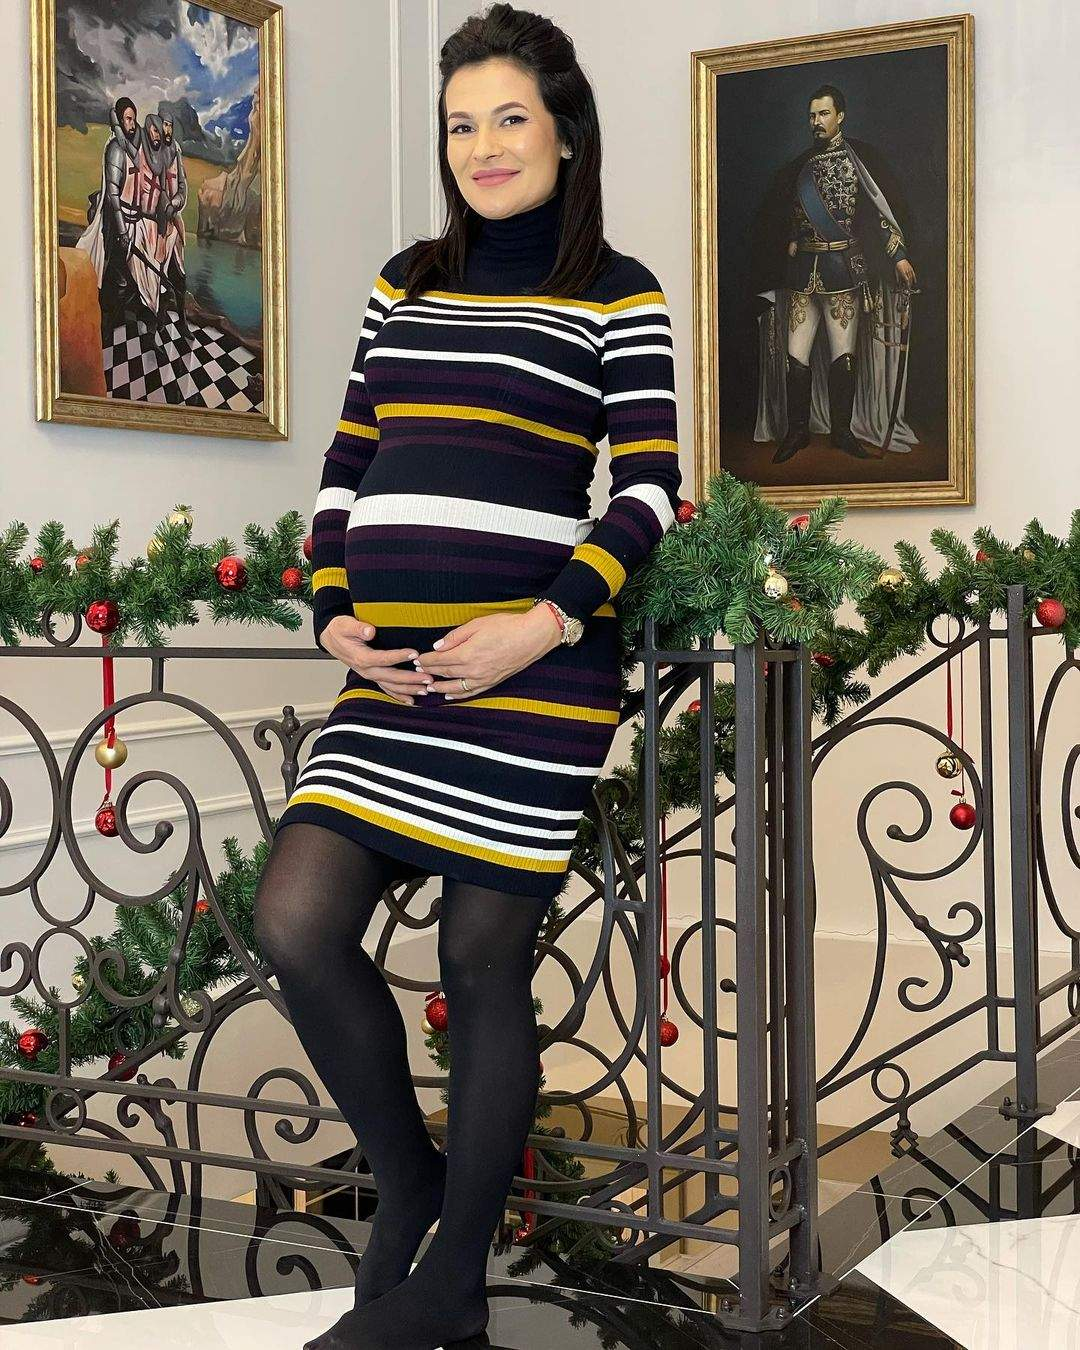 Olguța Berbec poartă o rochie neagră, cu dungi albe și galbene. Vedeta se află în fața unor scări și își ține mâinile pe burtica de gravidă.